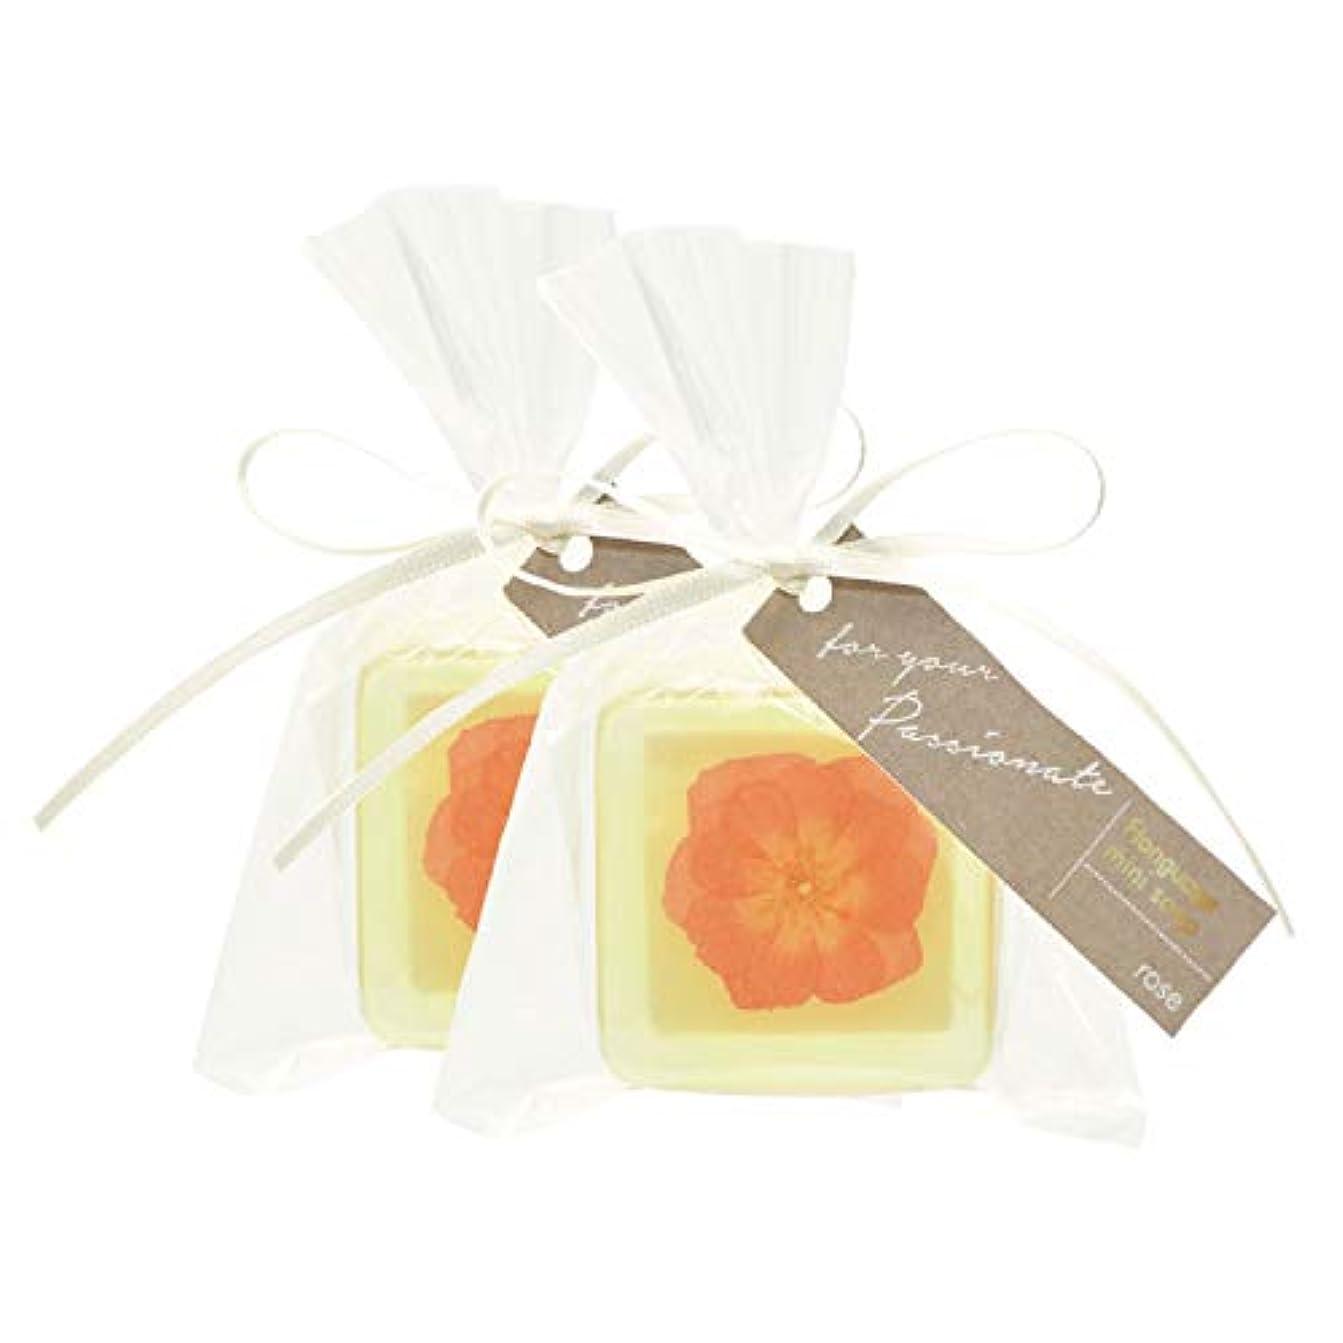 せっかち勧める些細なノルコーポレーション 石けん フランゲージ ミニソープ 2個セット 柑橘の香り OB-FMS-1-2